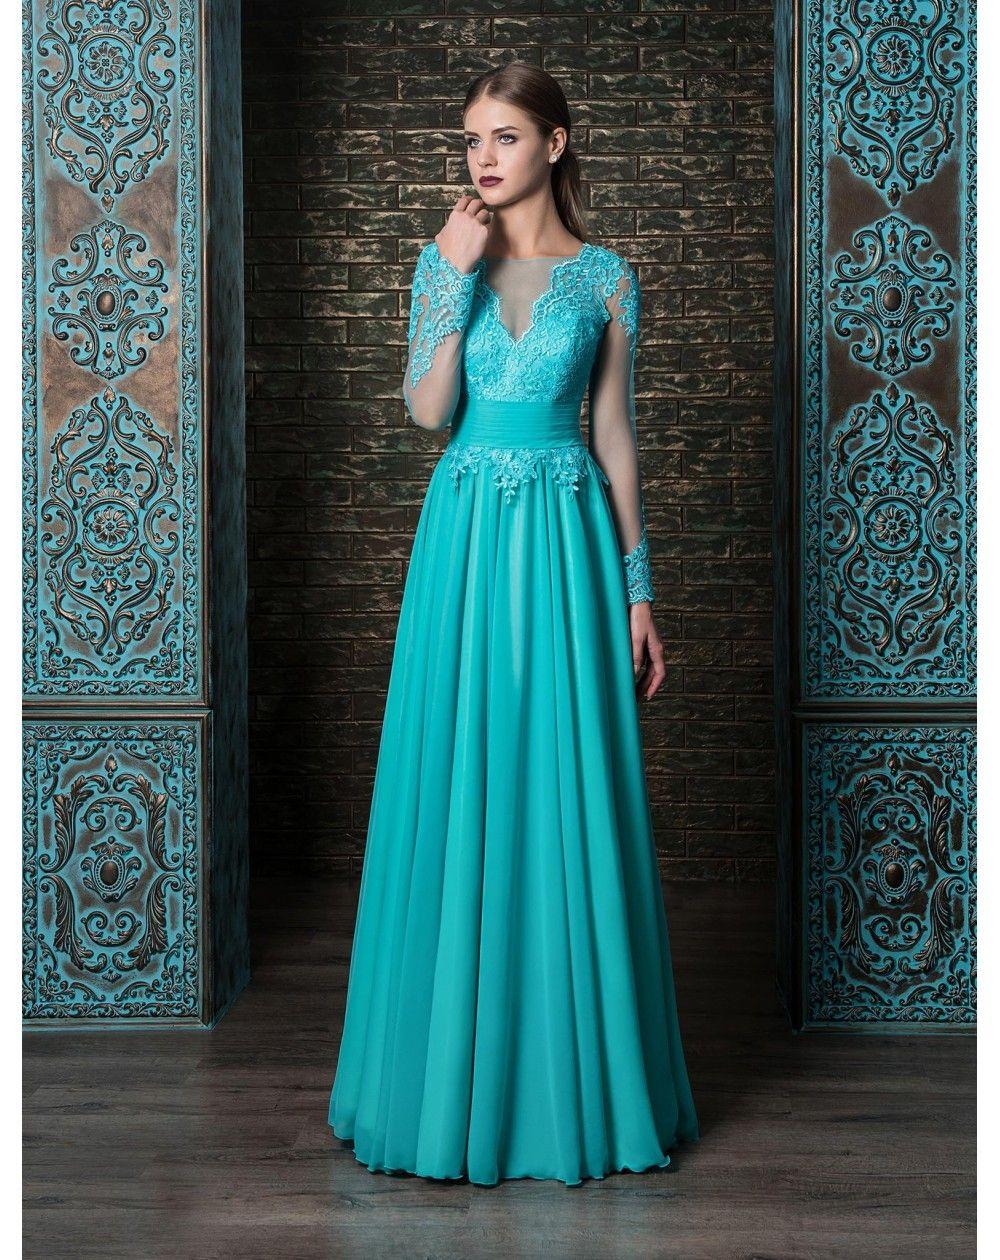 2e13300a06da Dlhé luxusné spoločenské šaty s čipkovaným zvrškom s dlhým rukávom. Padavá  obrovská sukňa zo šifónu